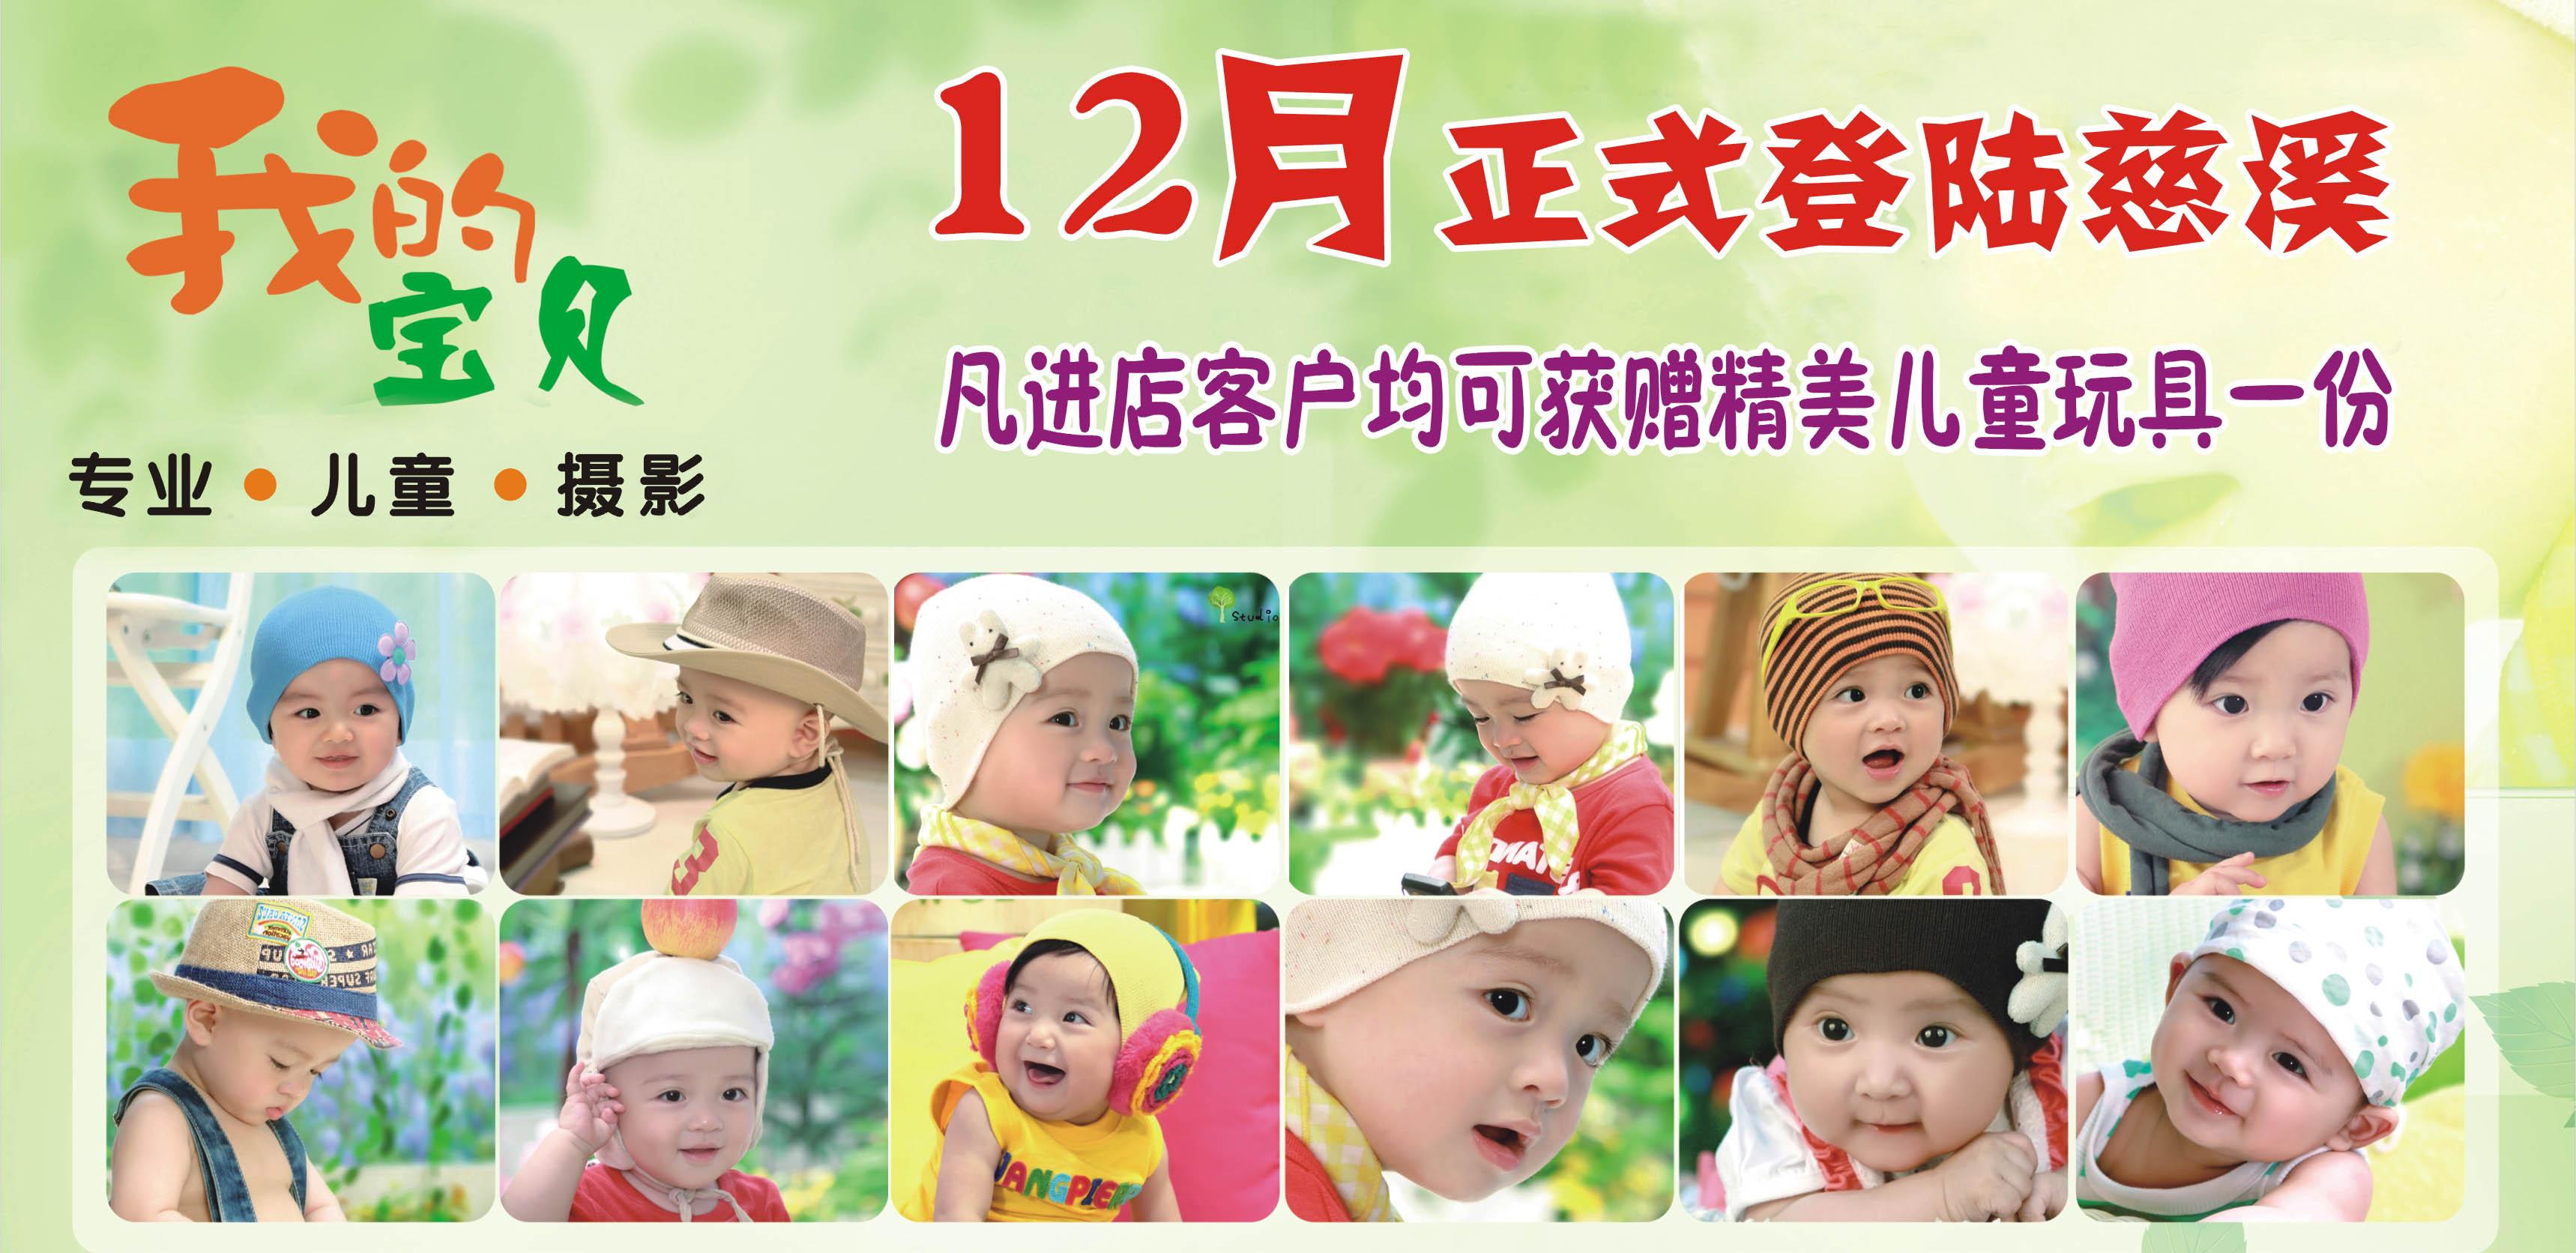 团队引领中国儿童时尚摄影潮流的4s儿童摄影品牌店